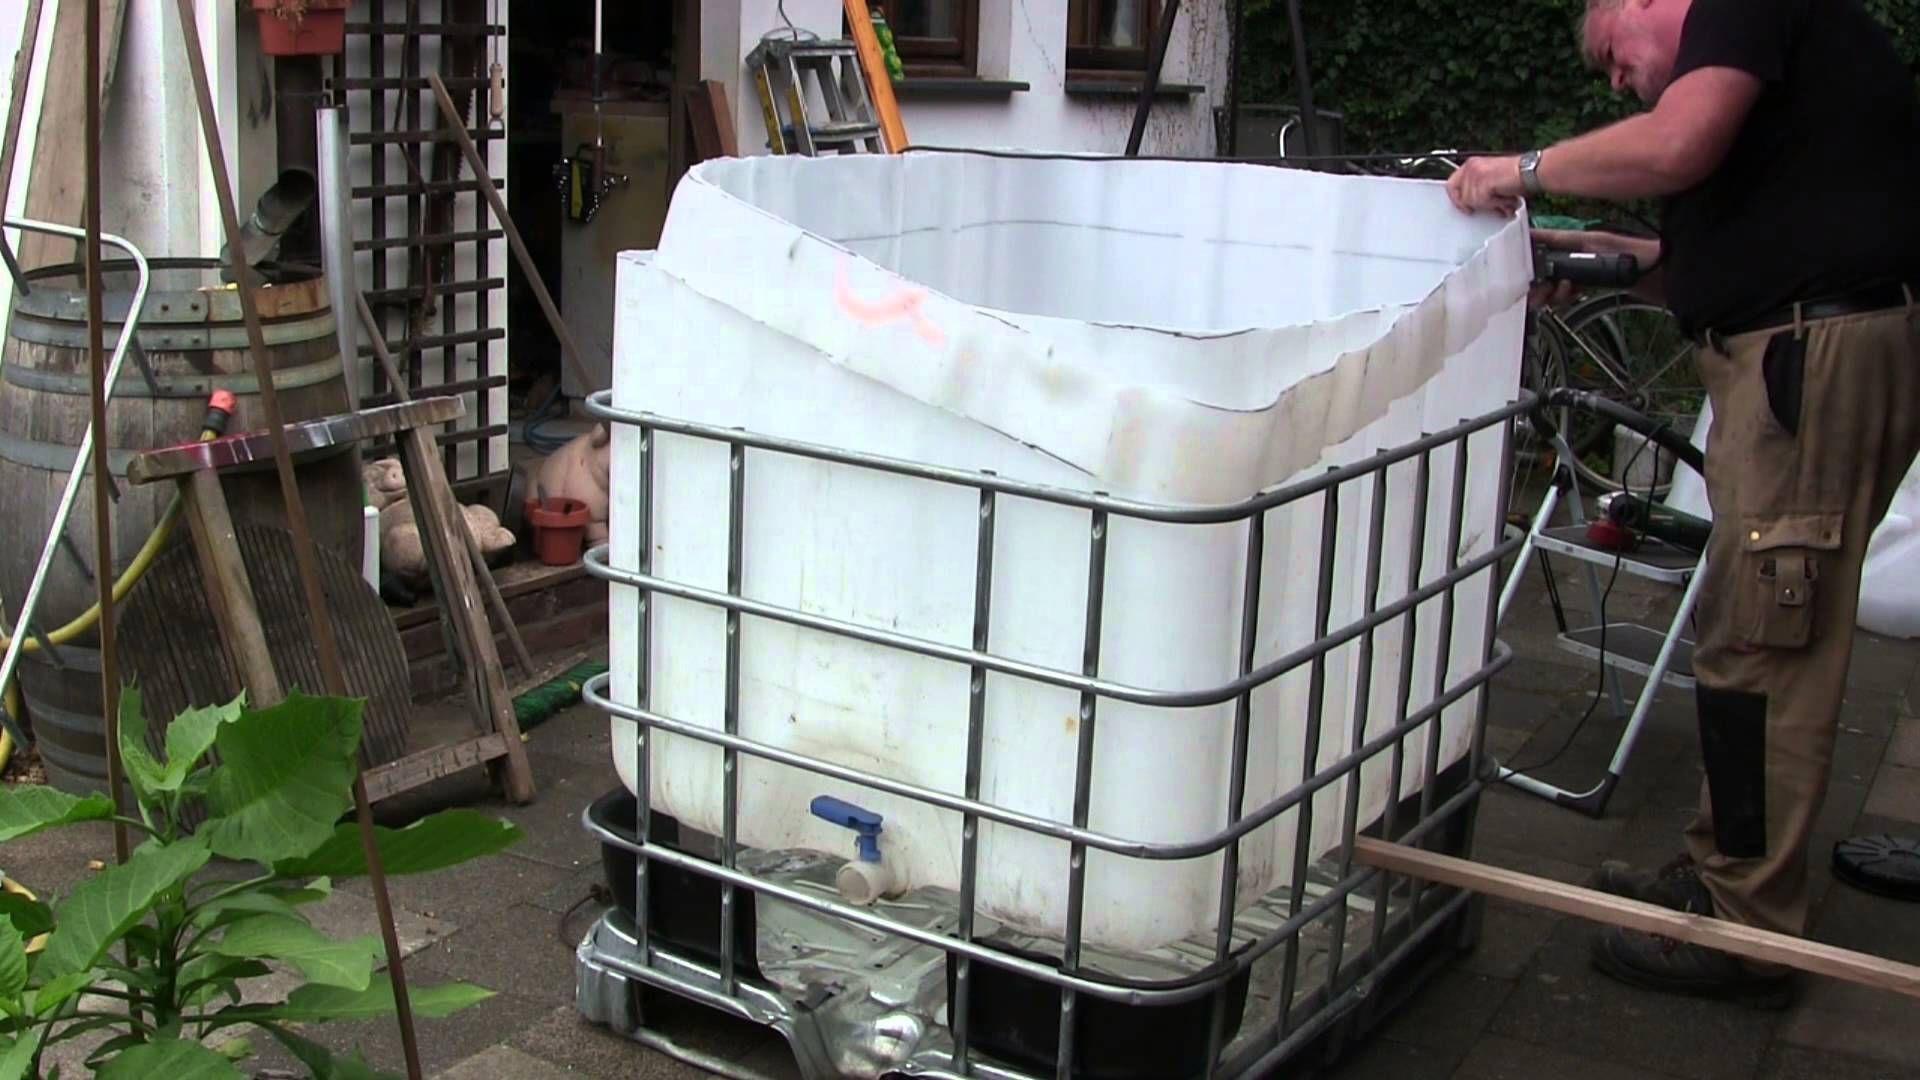 Superior Bau Eines Kleinen Pools Aus Einem IBC Tank Container Zum Erfrischen Im  Sommer.